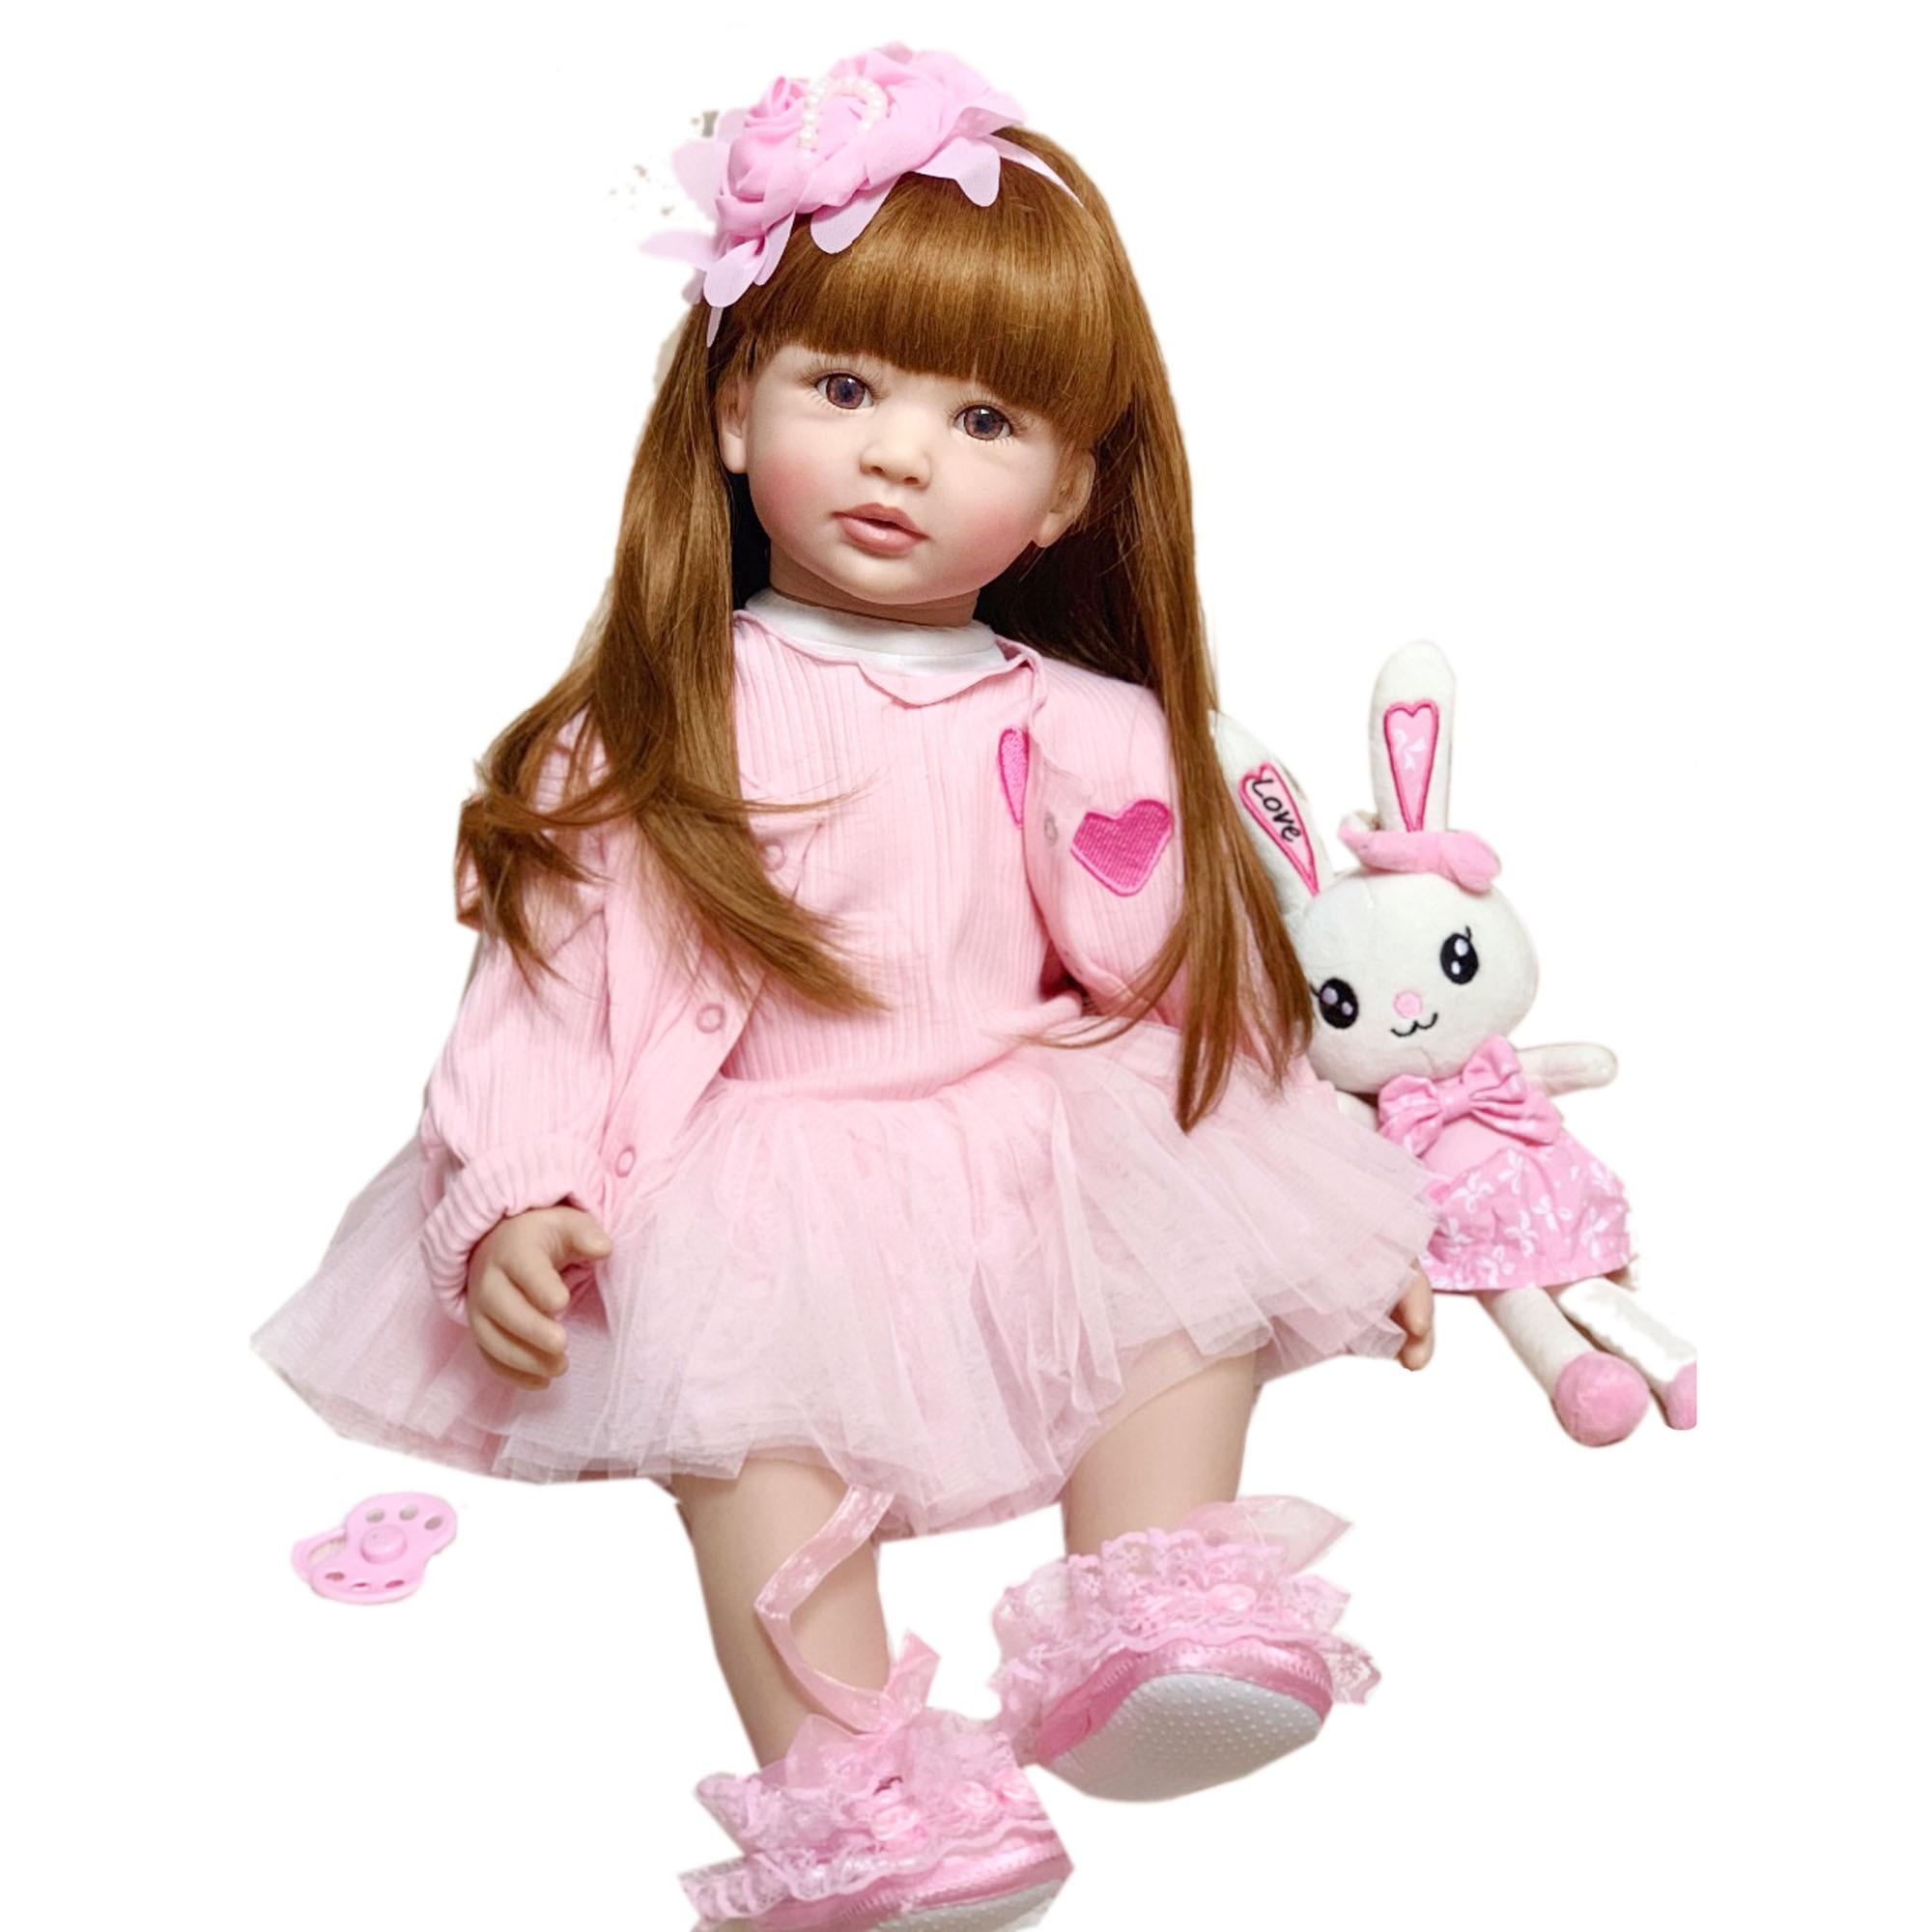 60 см мягкая силиконовая кукла для новорожденных, игрушка для девочки, длинные волосы, принцесса, младенцы, реалистичные, живые, Bebe Bonecas, подар...